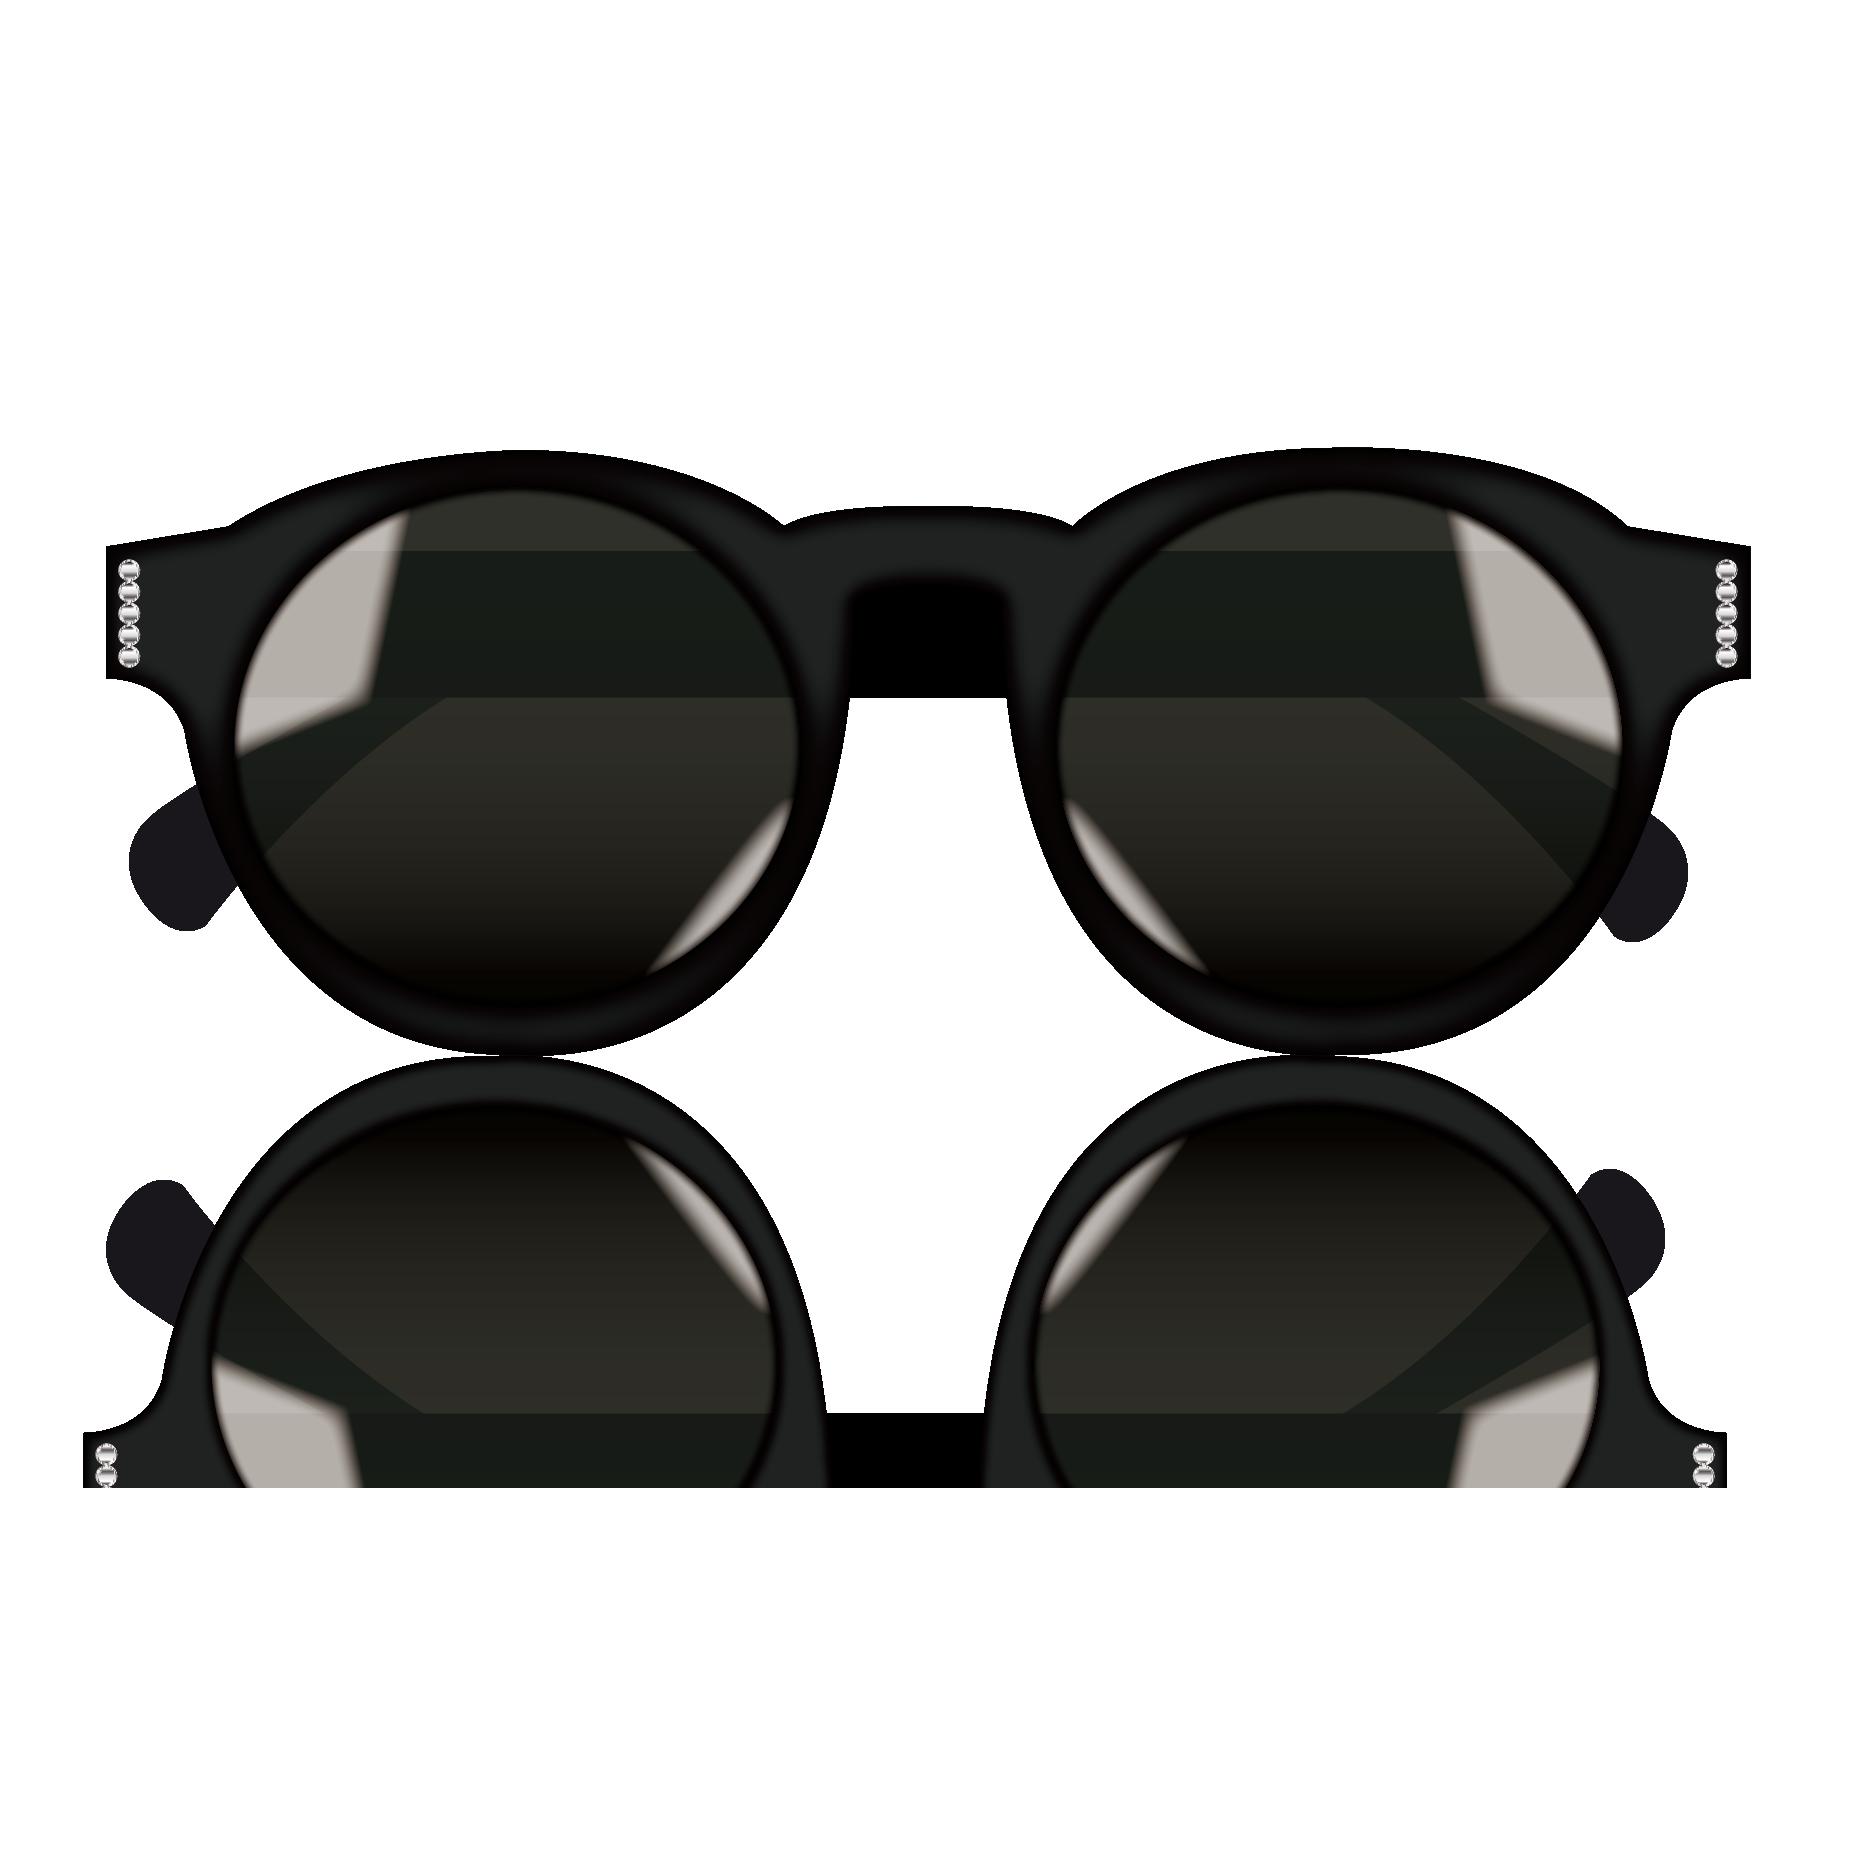 1875x1875 Goggles Sunglasses